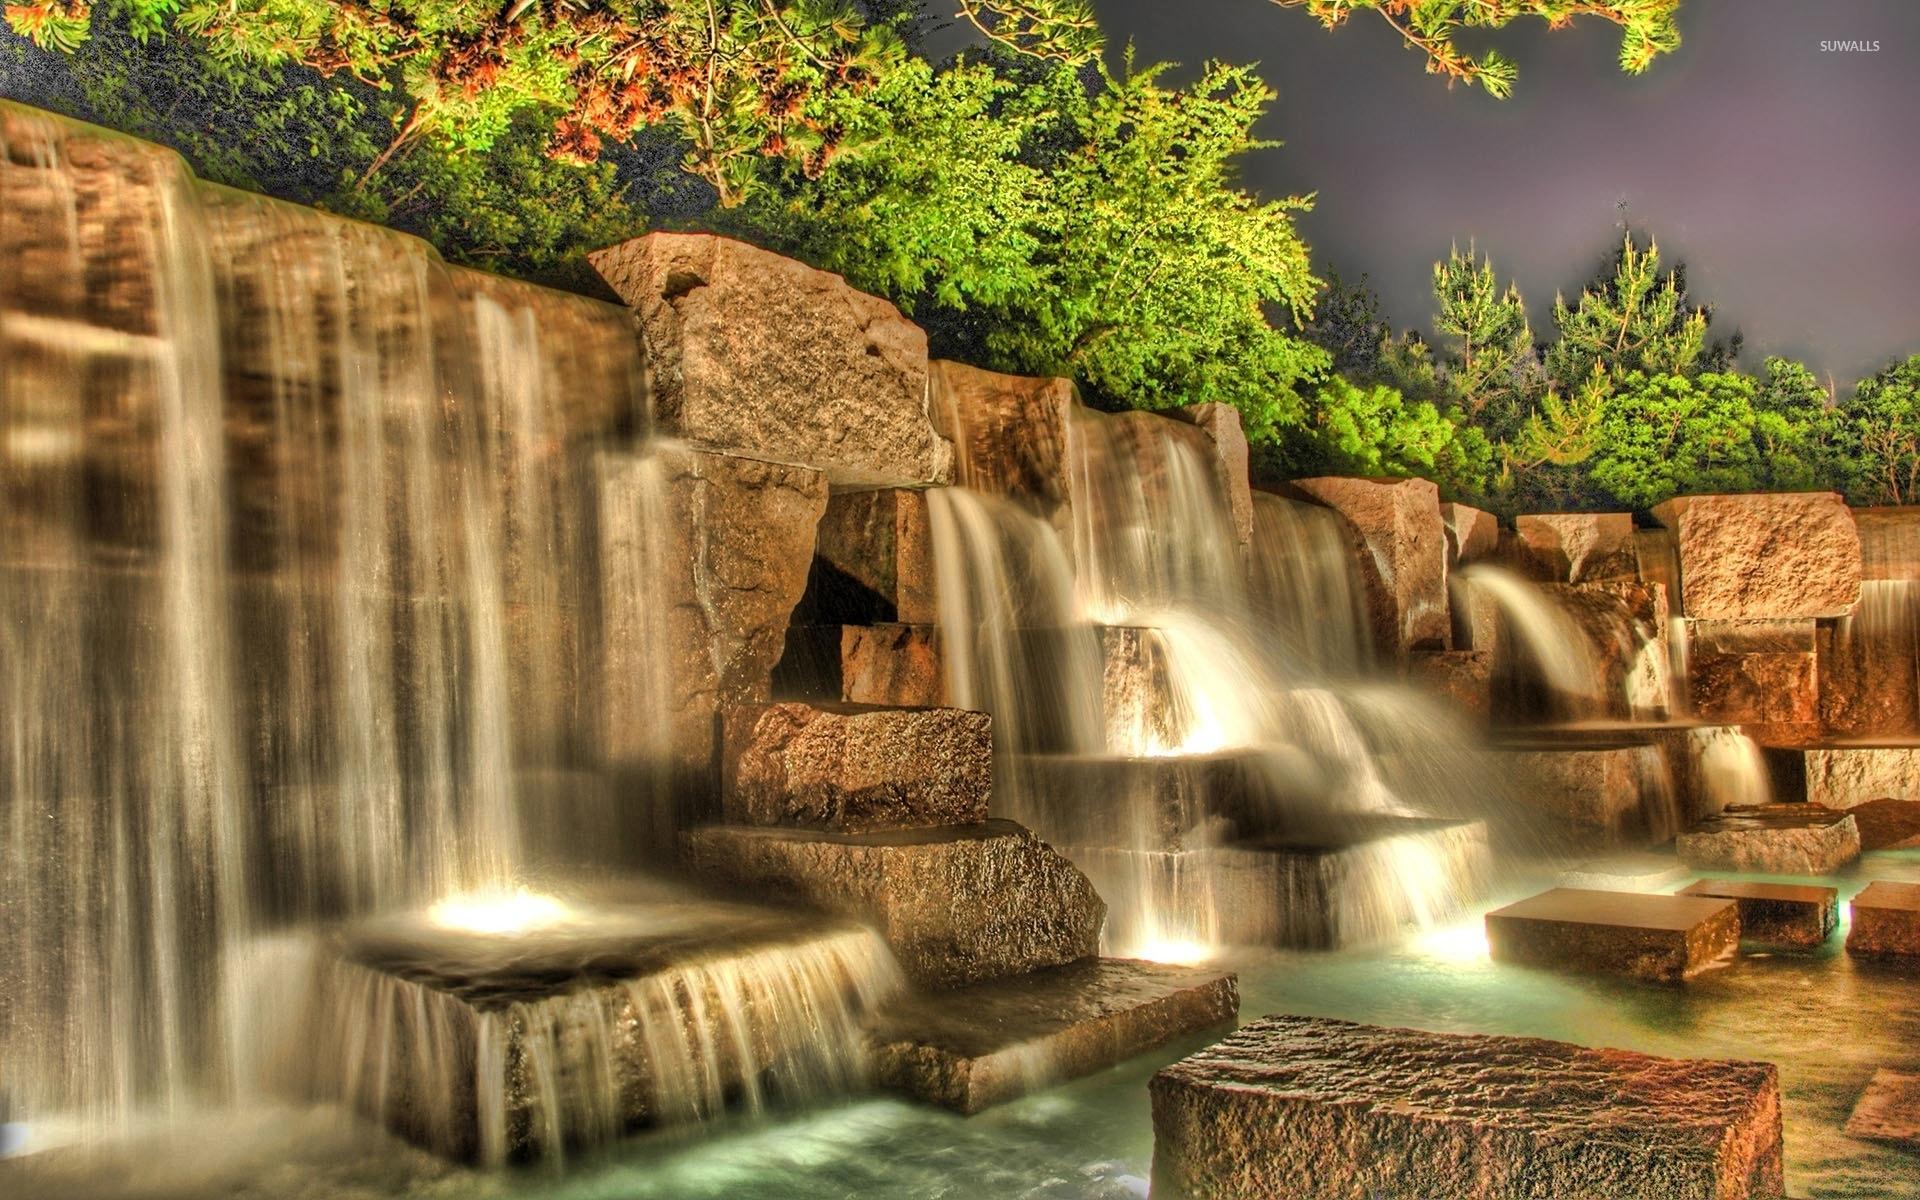 Wallpaper download garden - Artificial Waterfall In A Garden Wallpaper